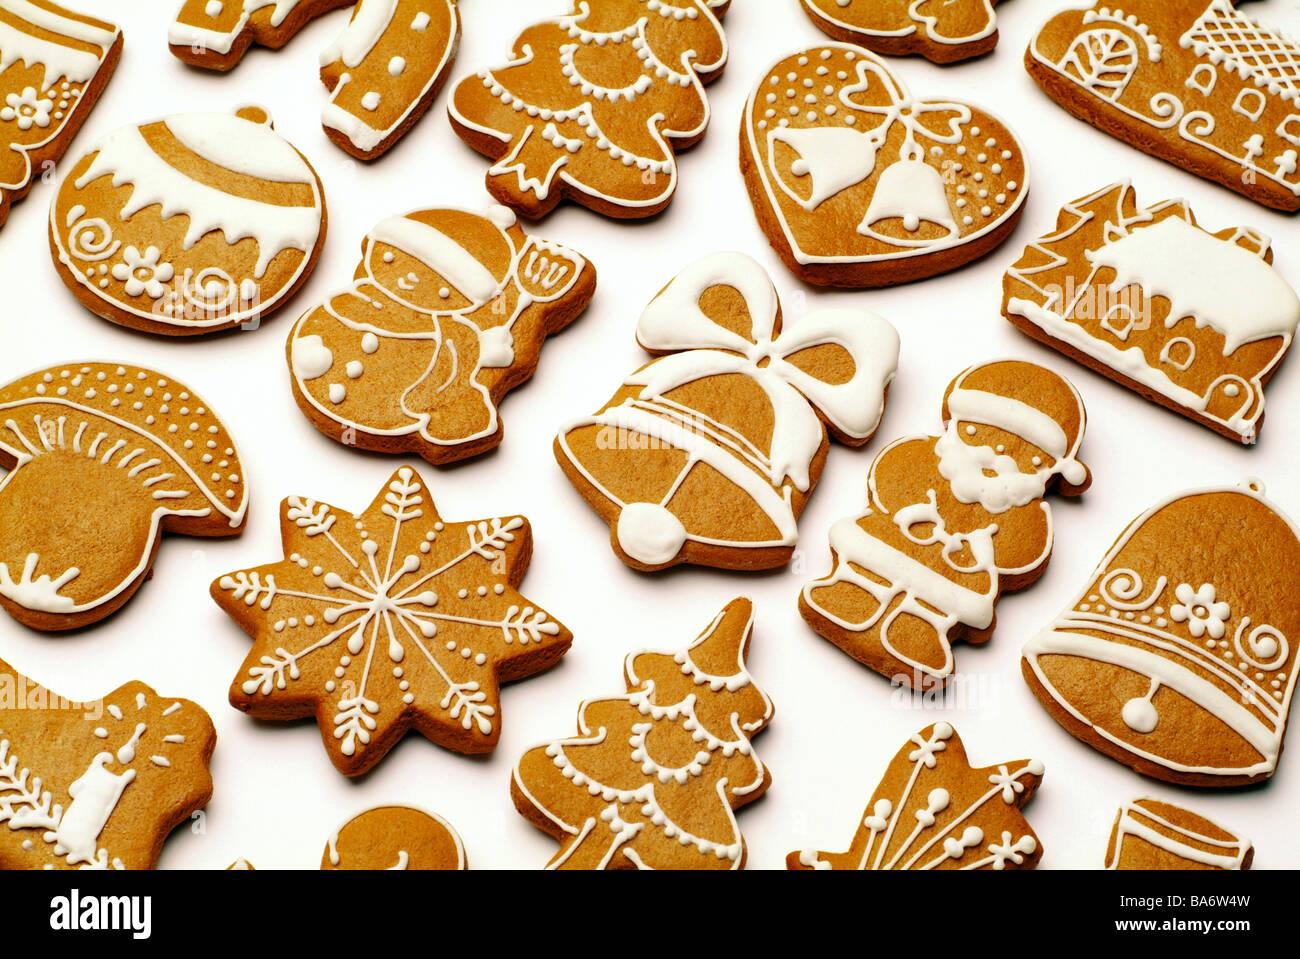 lebkuchen figuren verziert zuckerguss weihnachtsb ckerei vorschiff ware lebkuchen geb ck feine. Black Bedroom Furniture Sets. Home Design Ideas